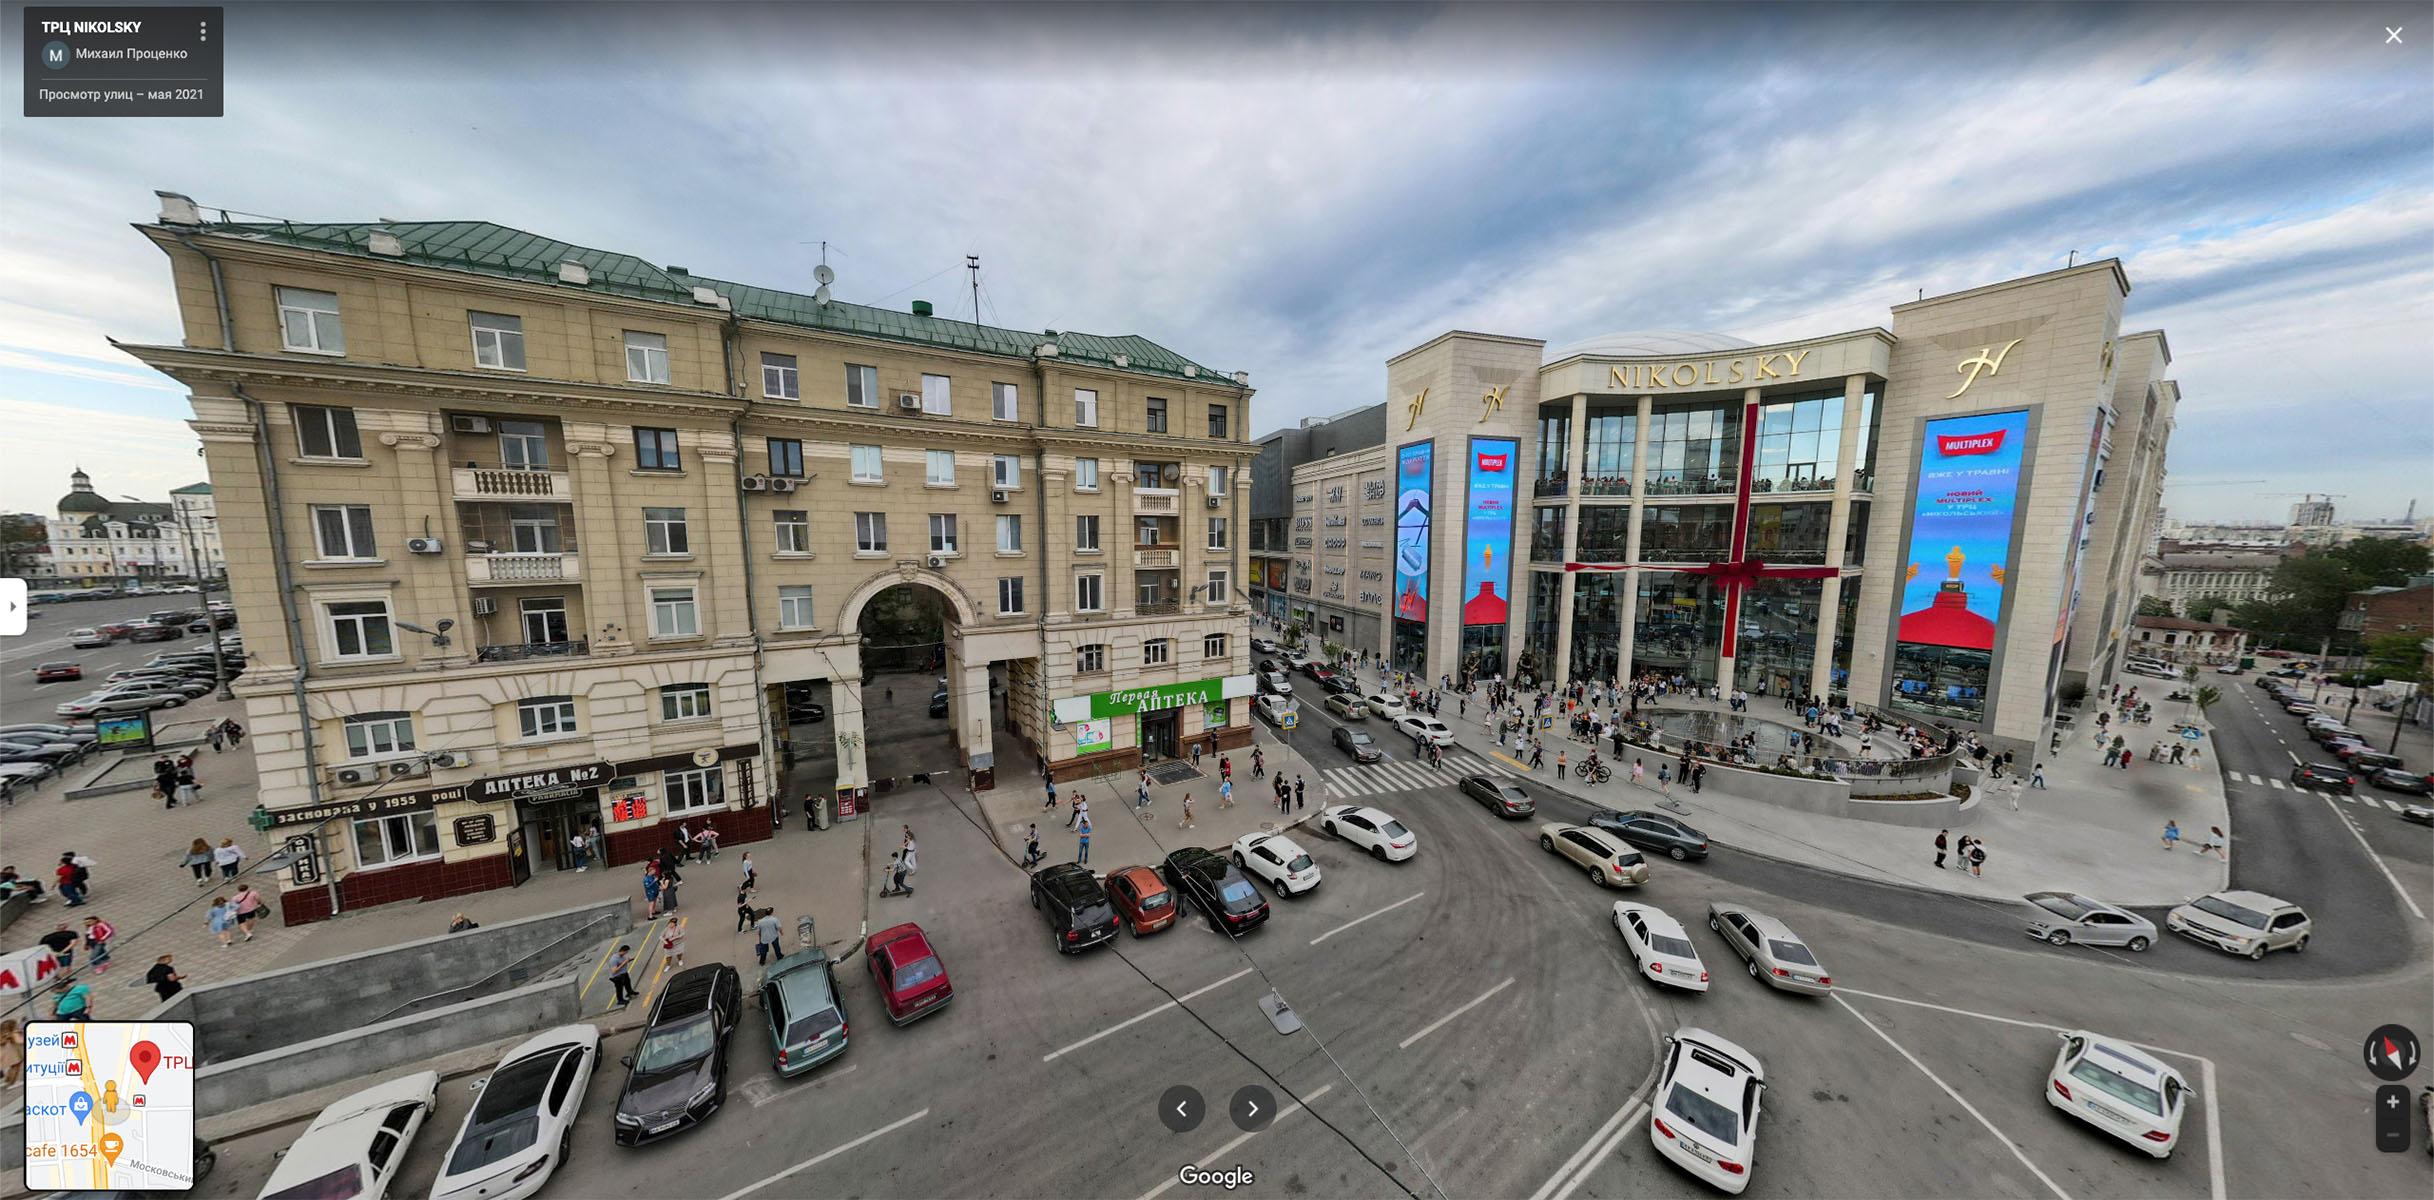 Фото — Google maps, пользователь Михаил Проценко.